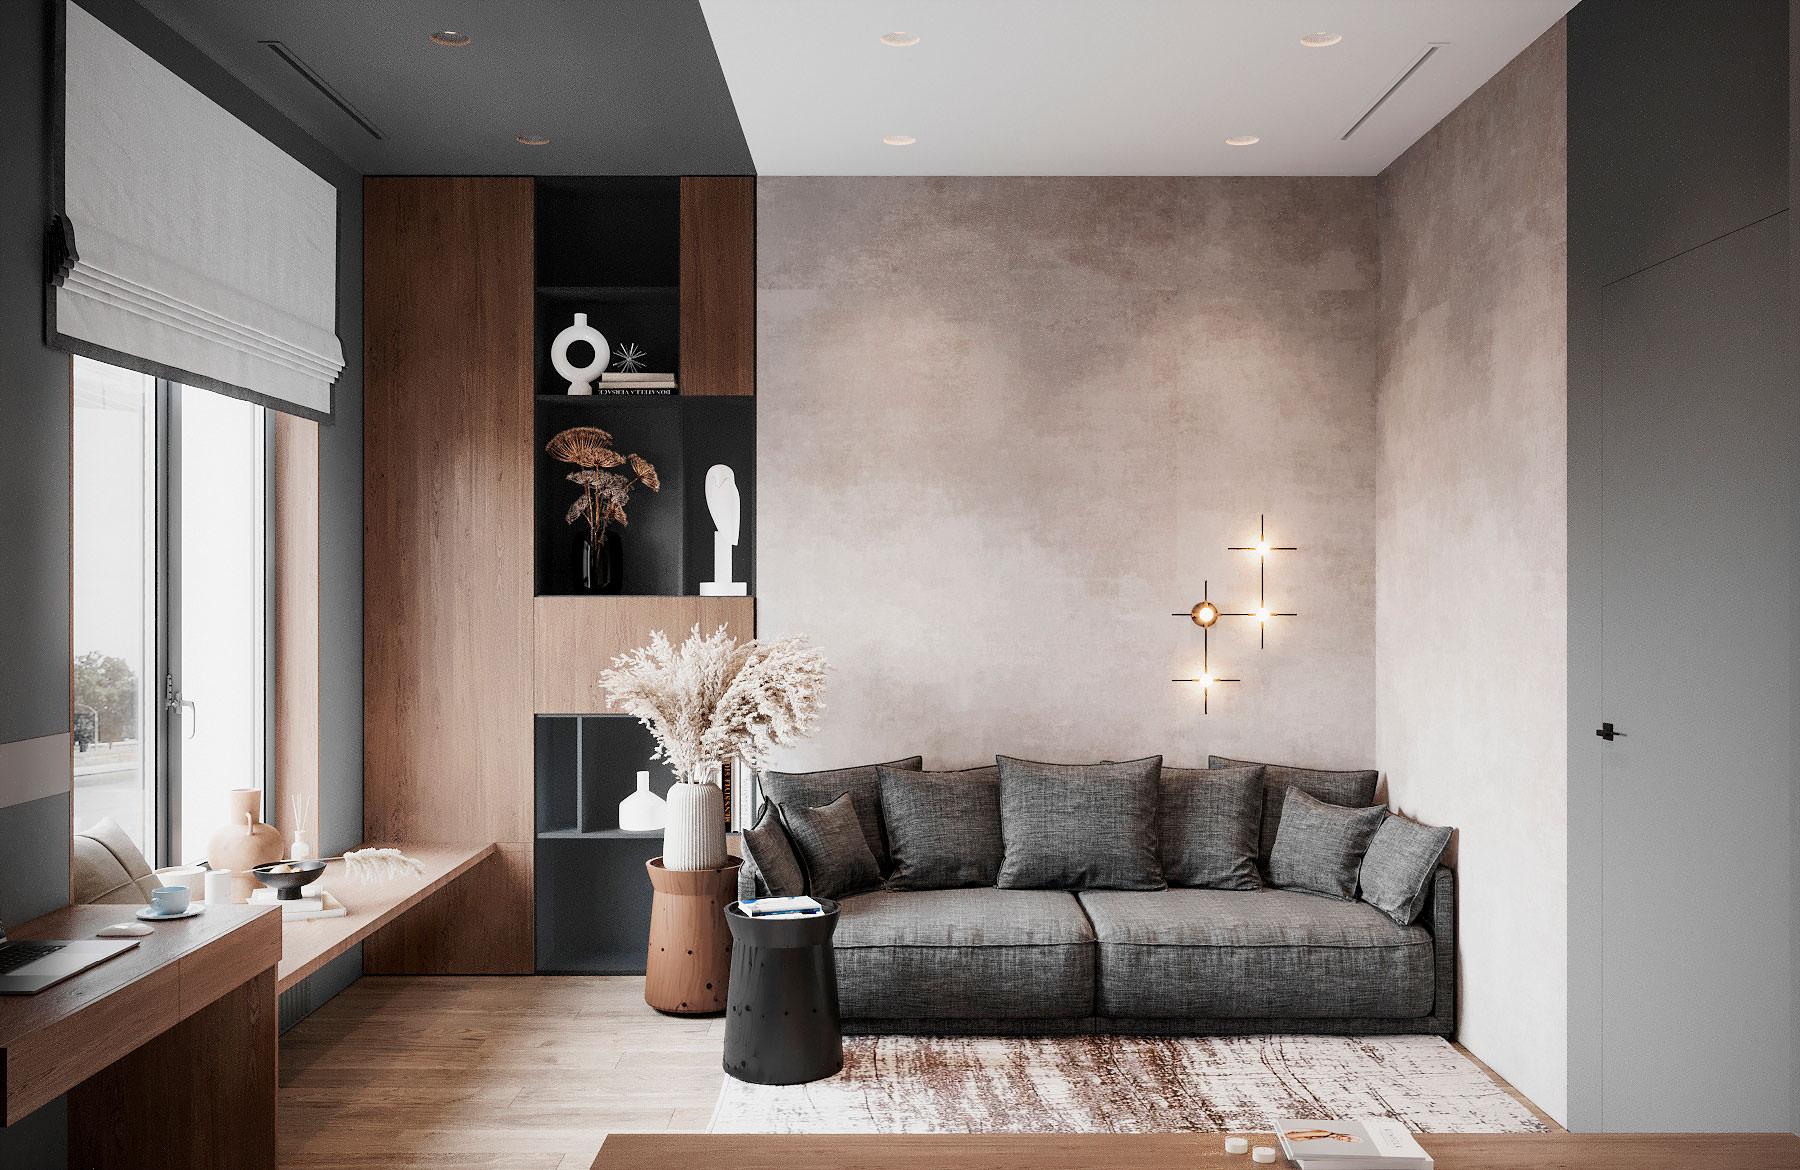 Гостевая комната, вид 3, КД Ривьера